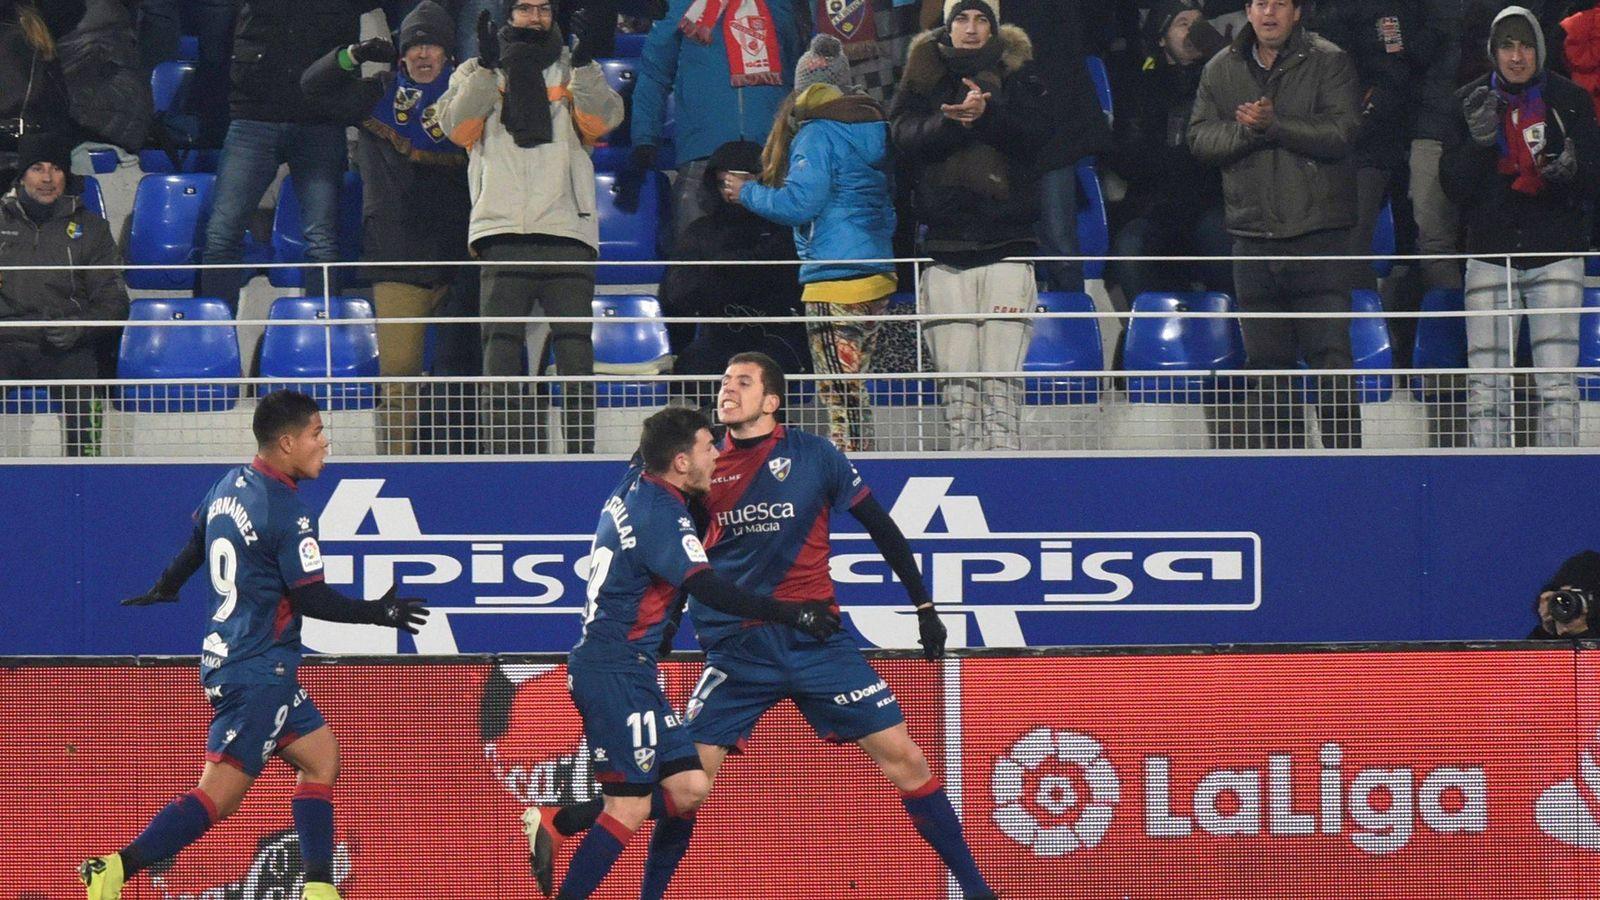 Foto: Jugadores del Huesca celebran un gol. (EFE)